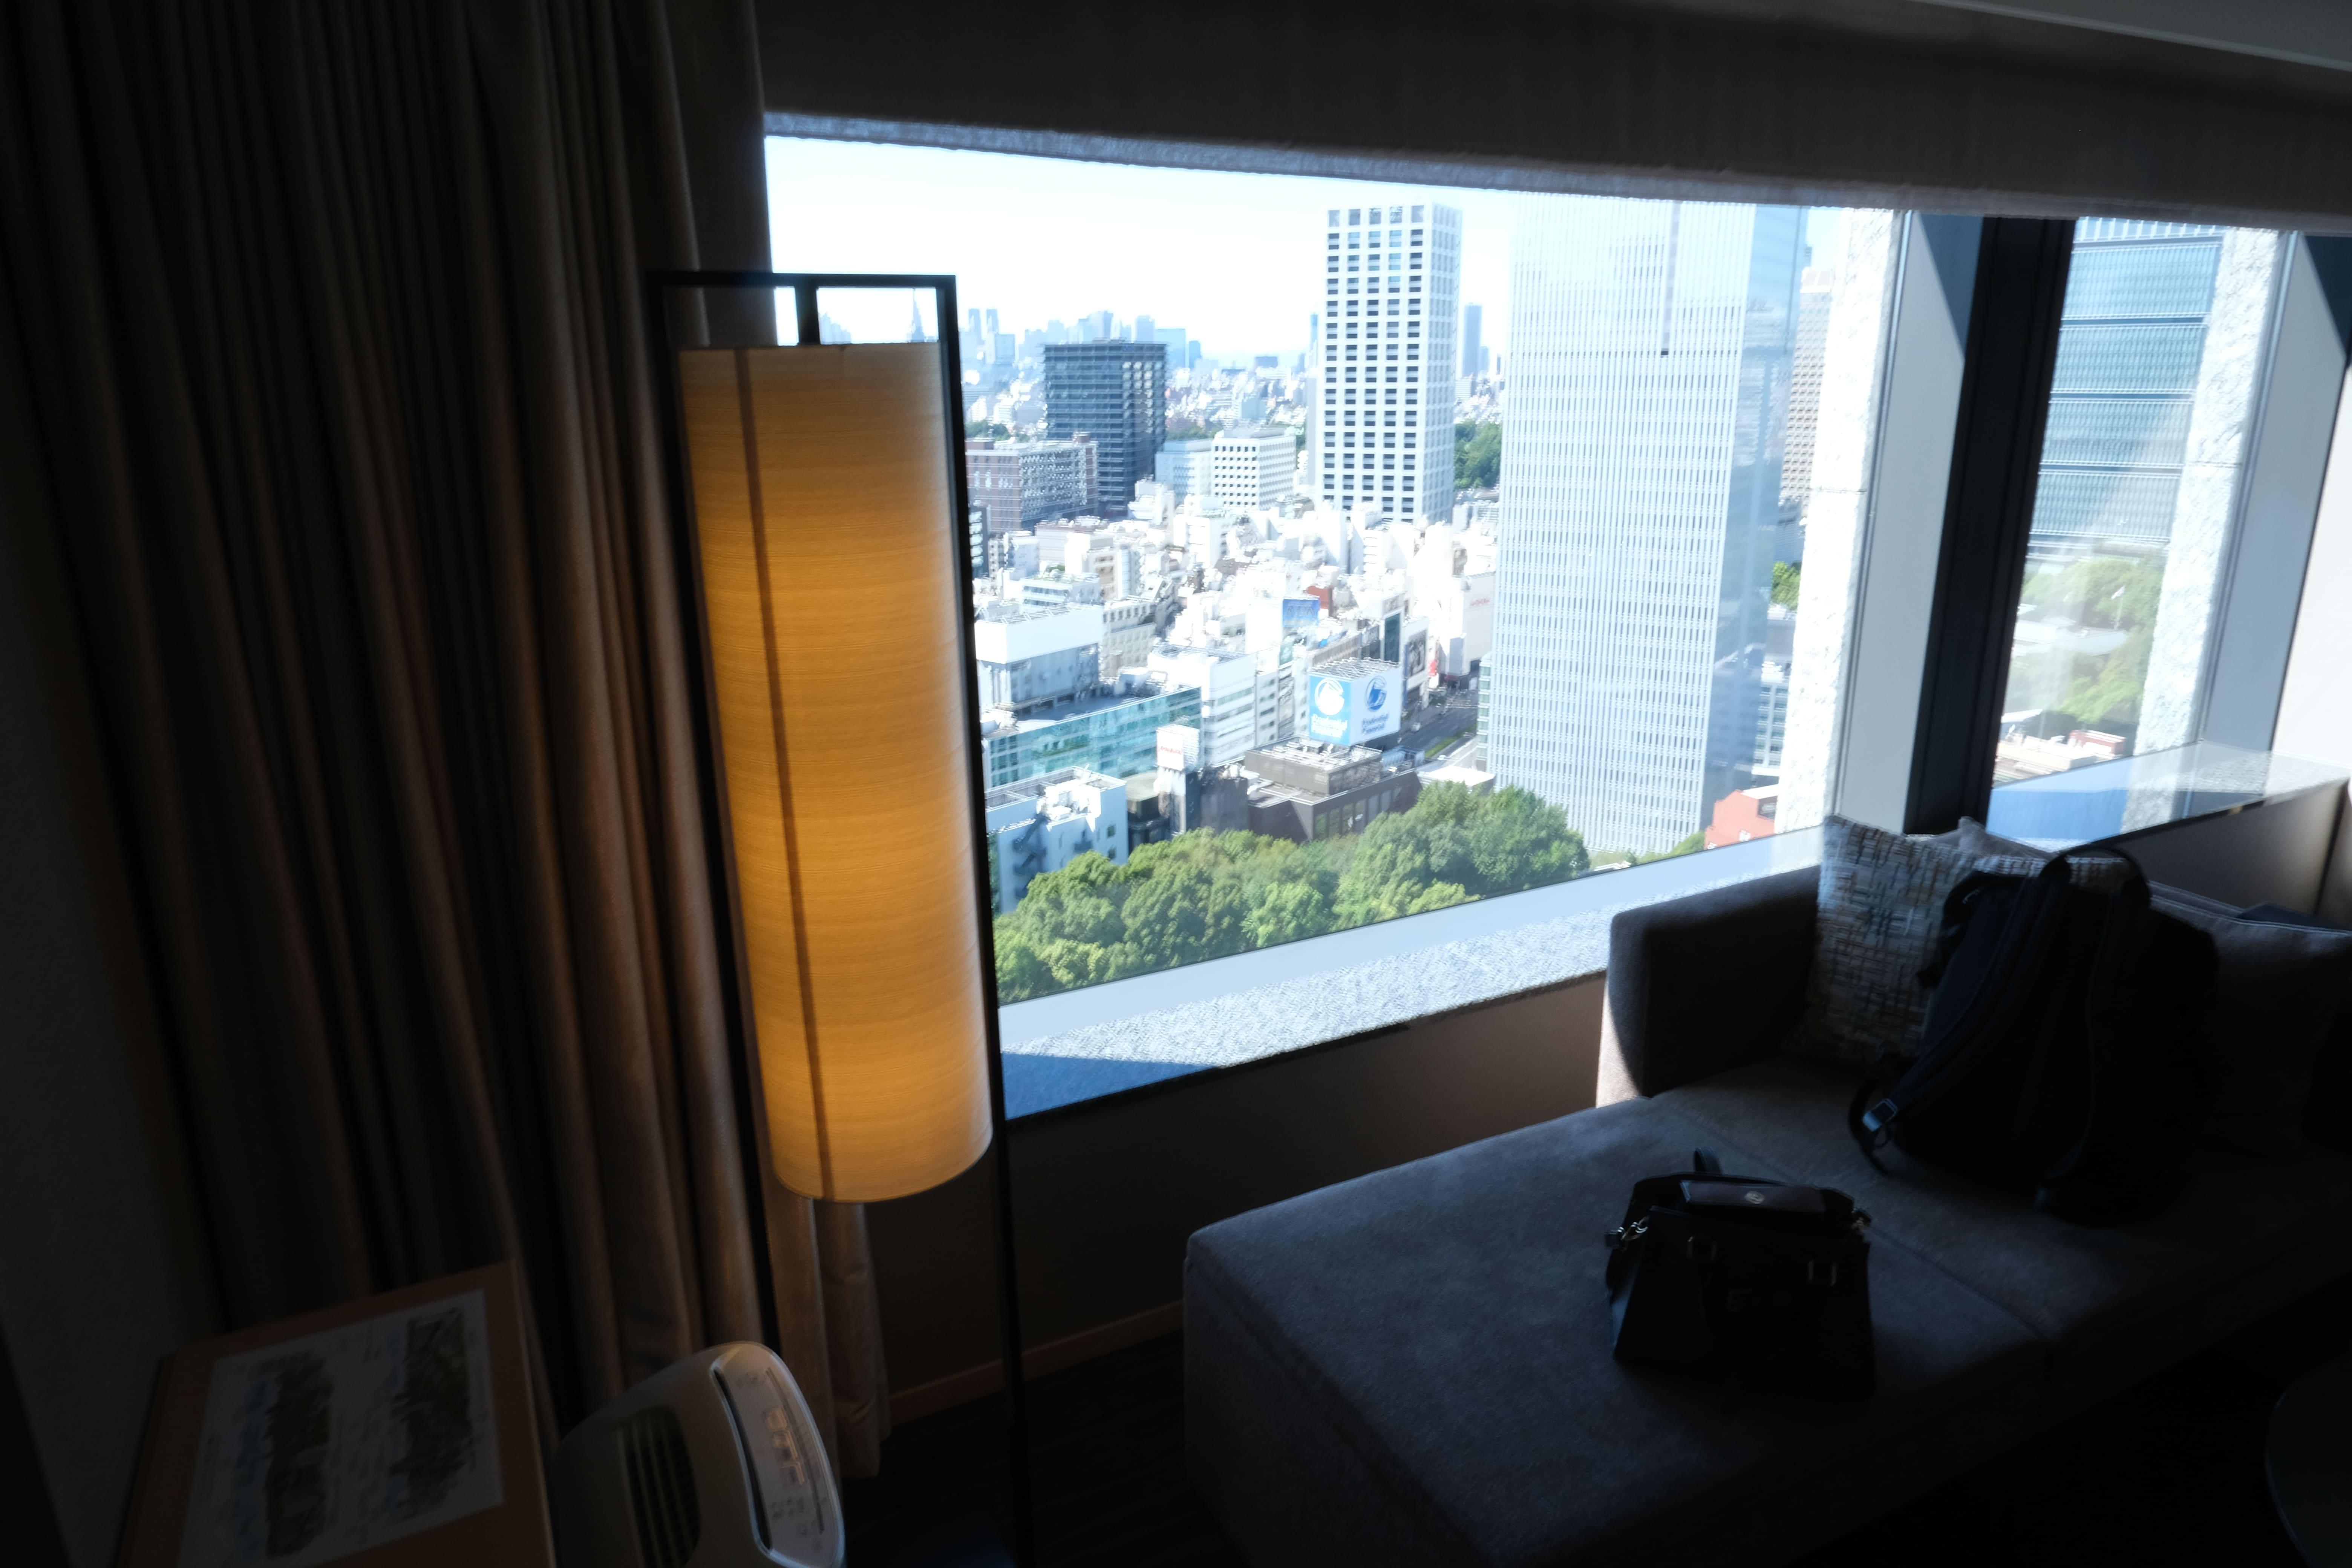 ザ・キャピトルホテル東急の部屋からの景色